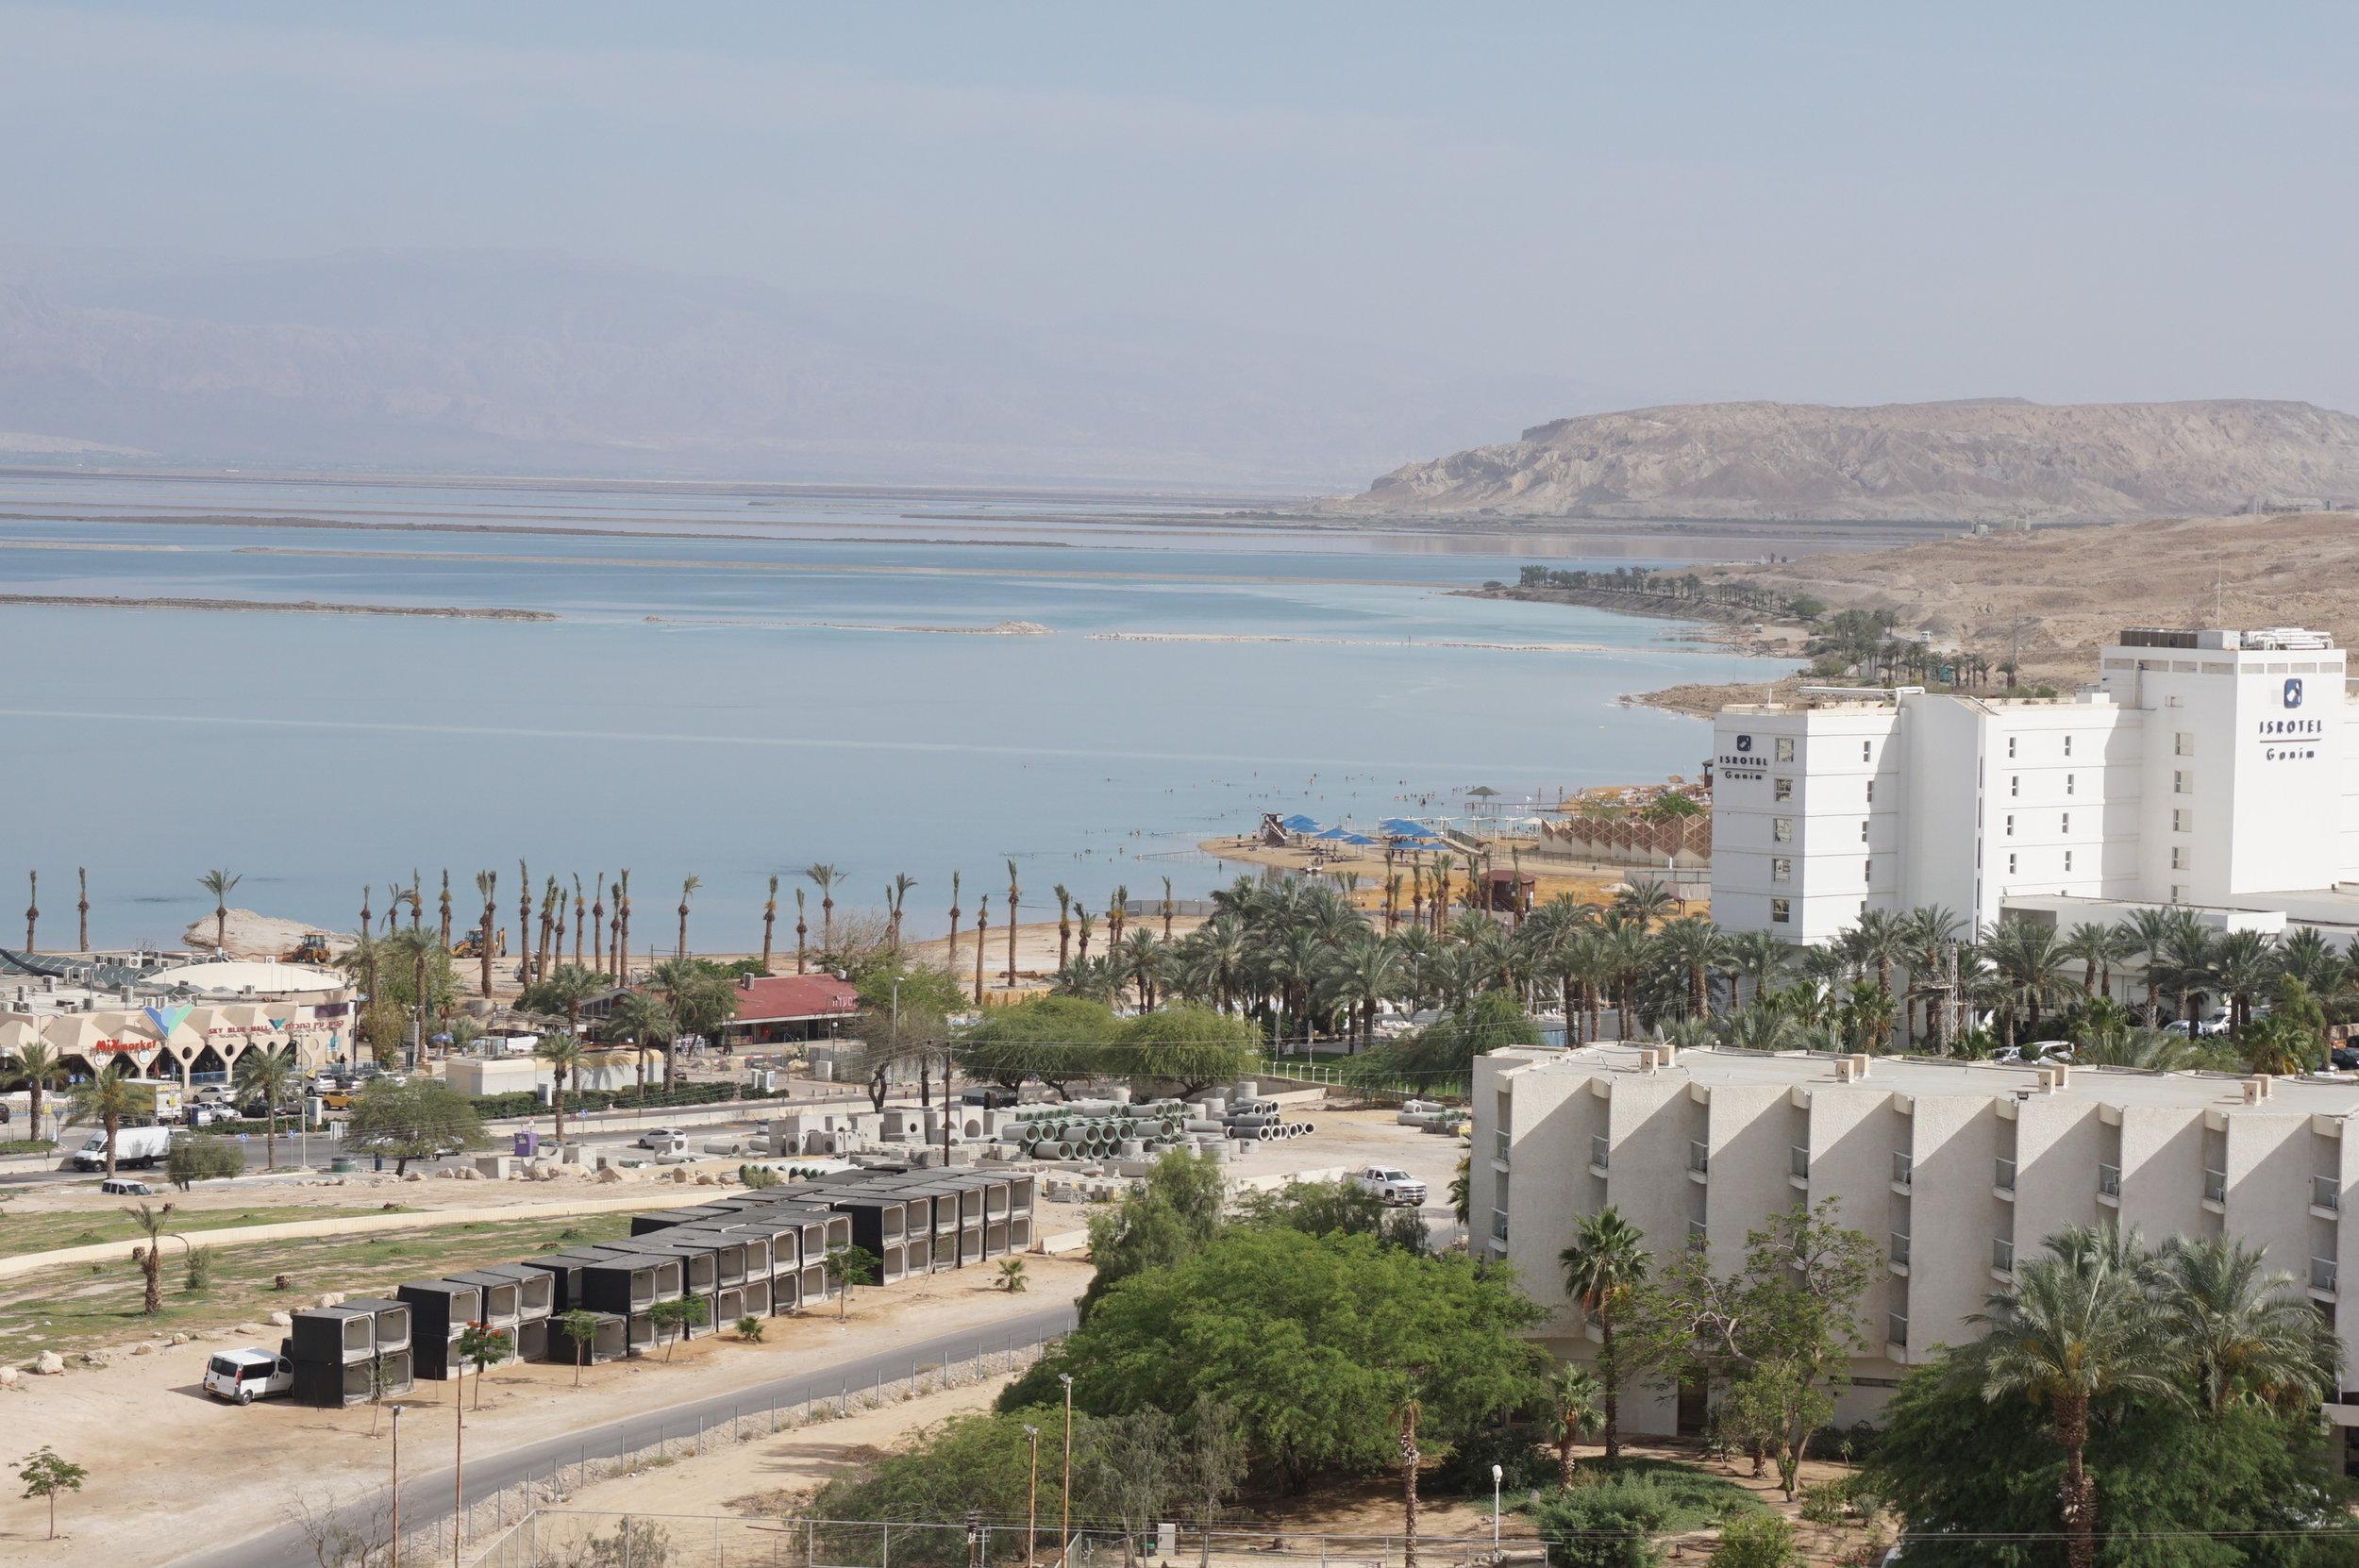 Dead Sea Israel 3.JPG